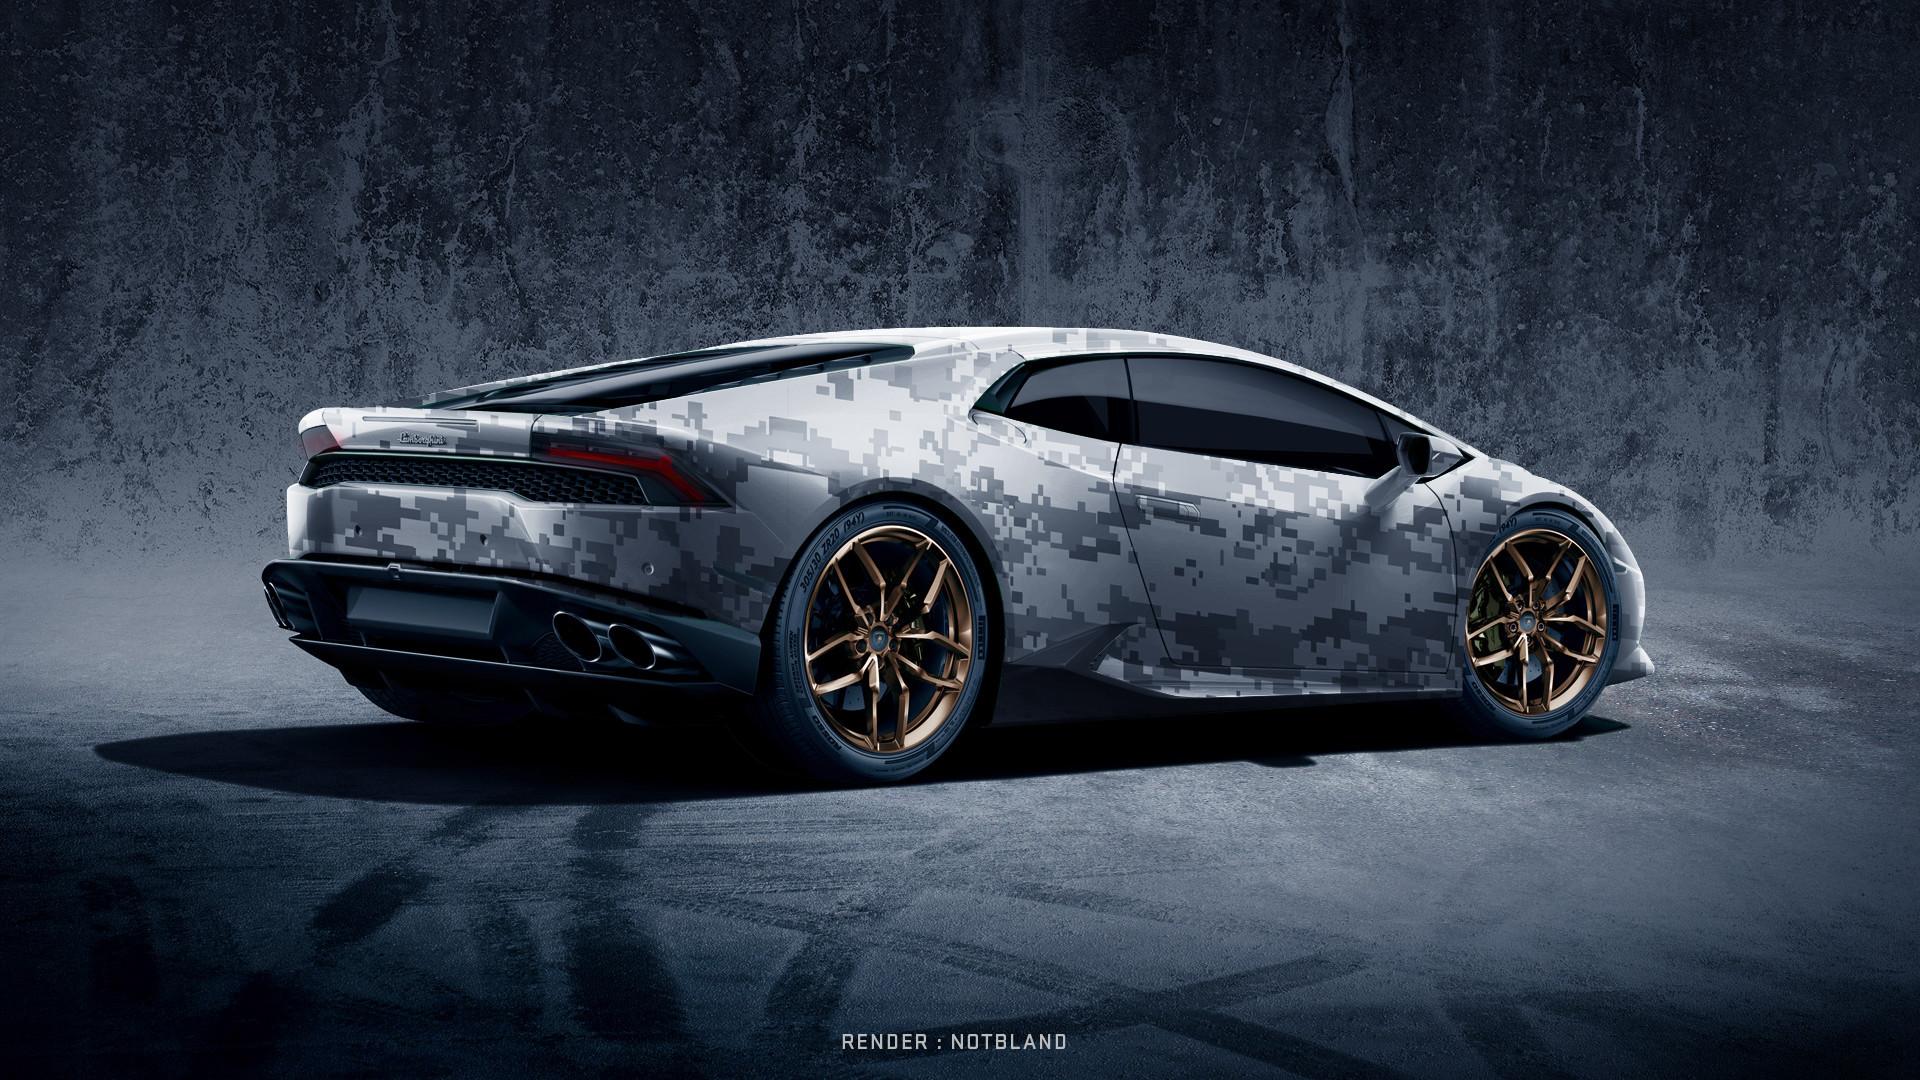 Lamborghini Huracan Hd Wallpaper 65 Images